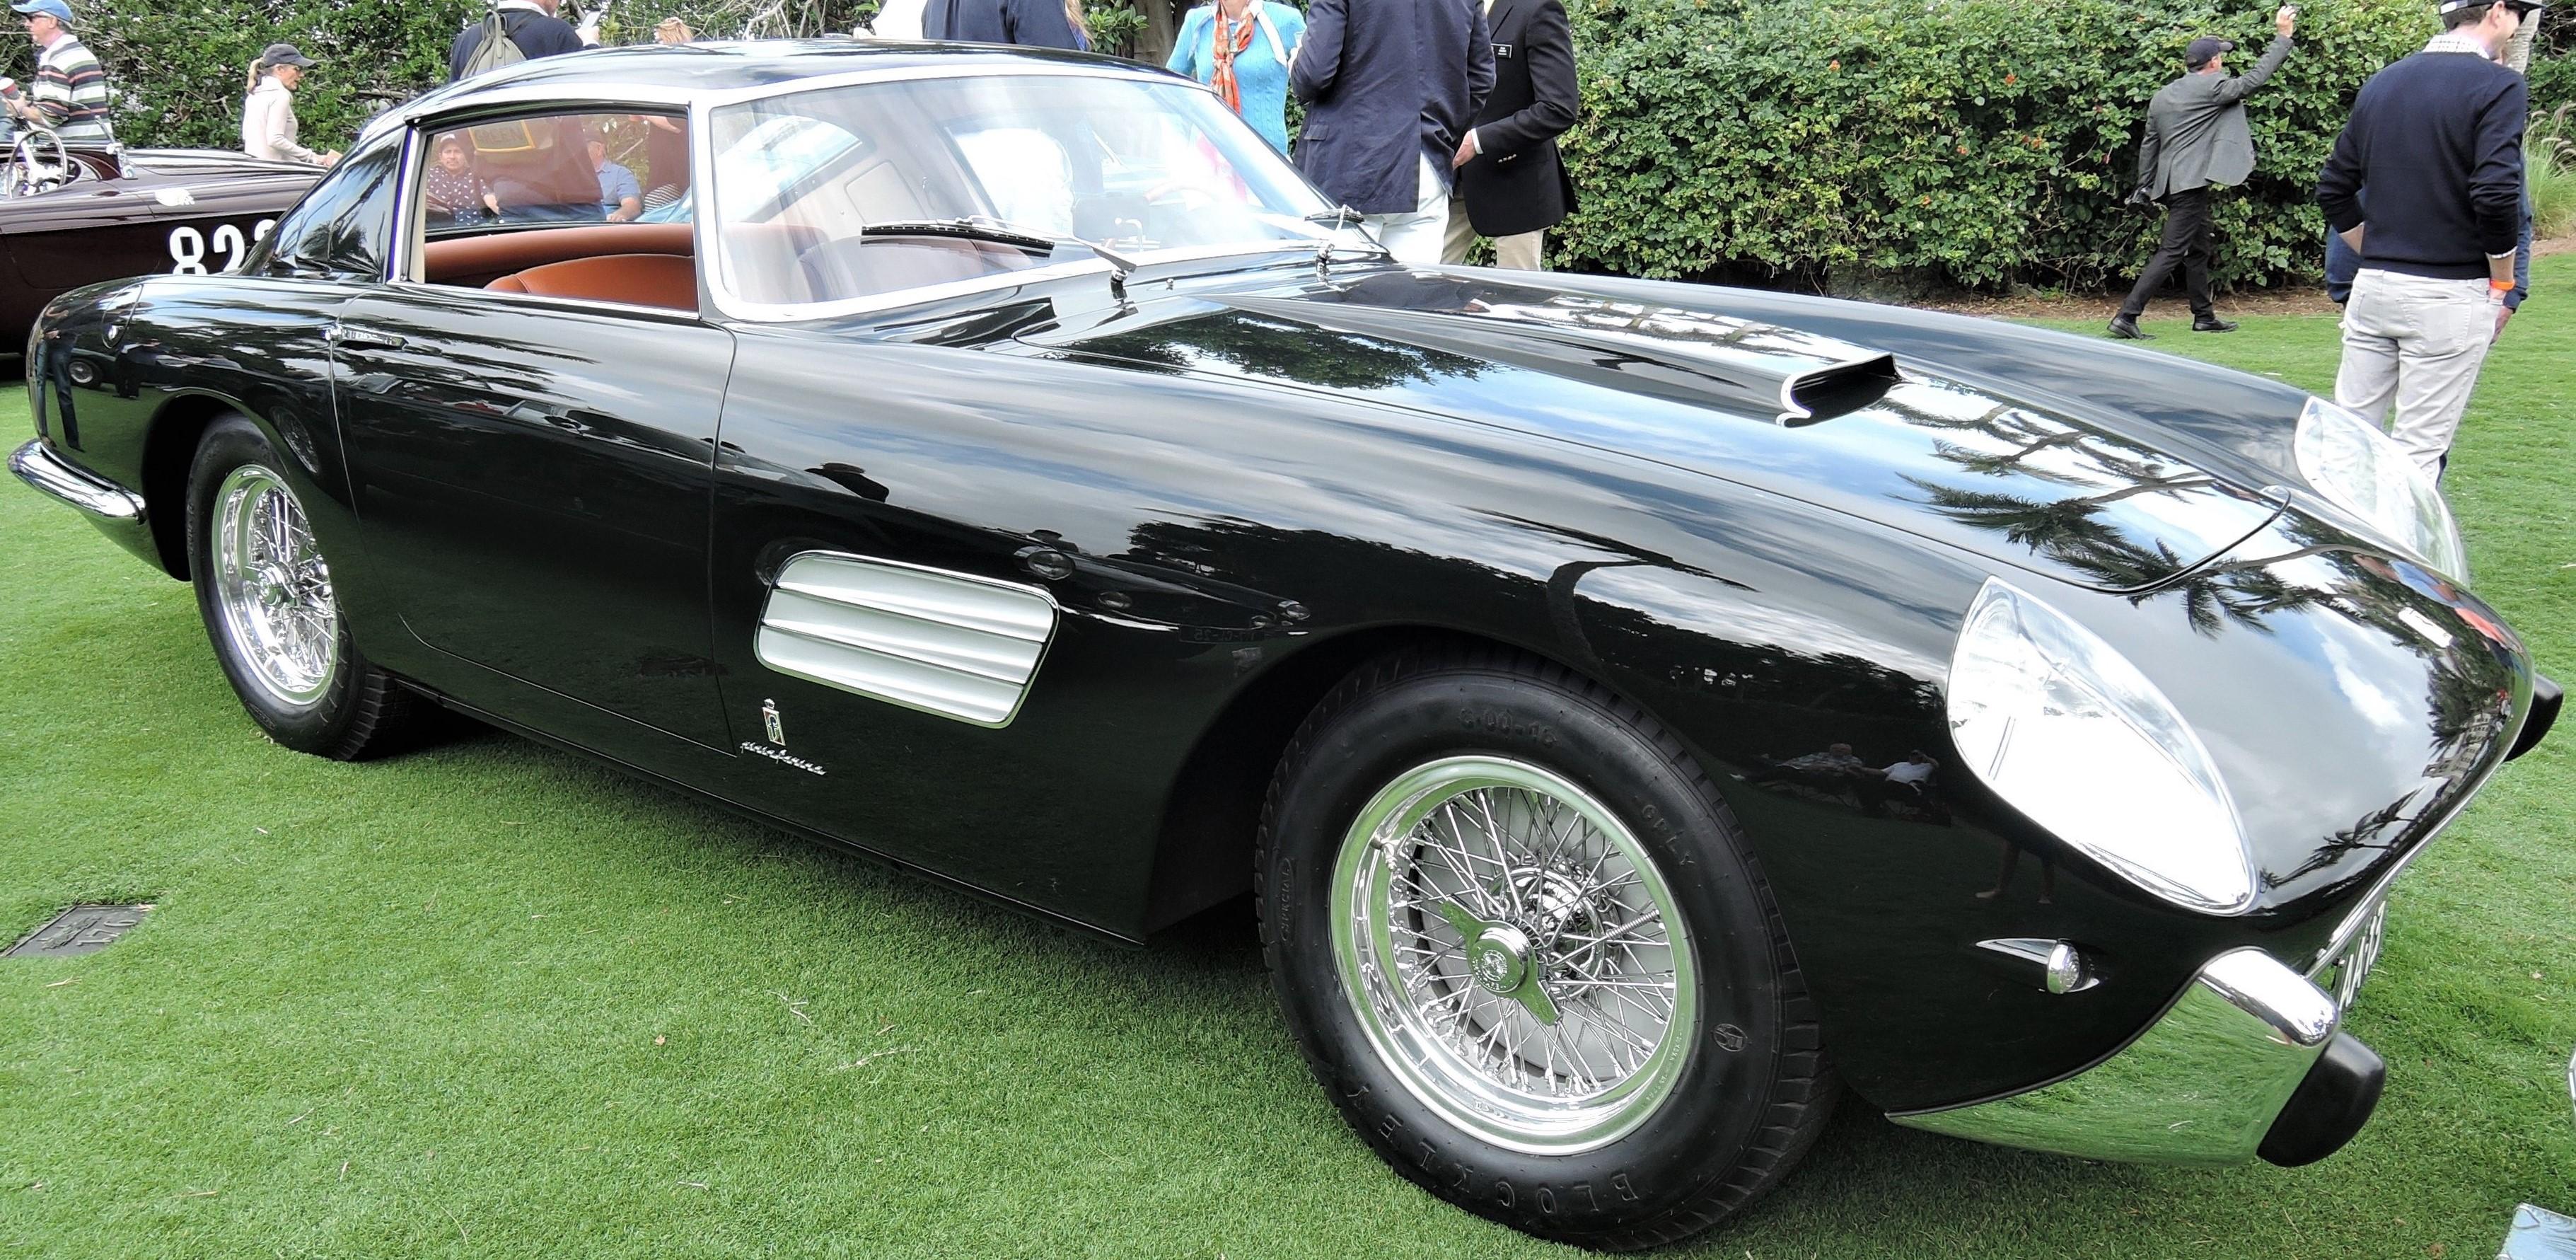 black 1957 Ferrari 250 GT Pinin Farina Speciale Coupe Sn 0725 GT - Cavallino 2018 Concours